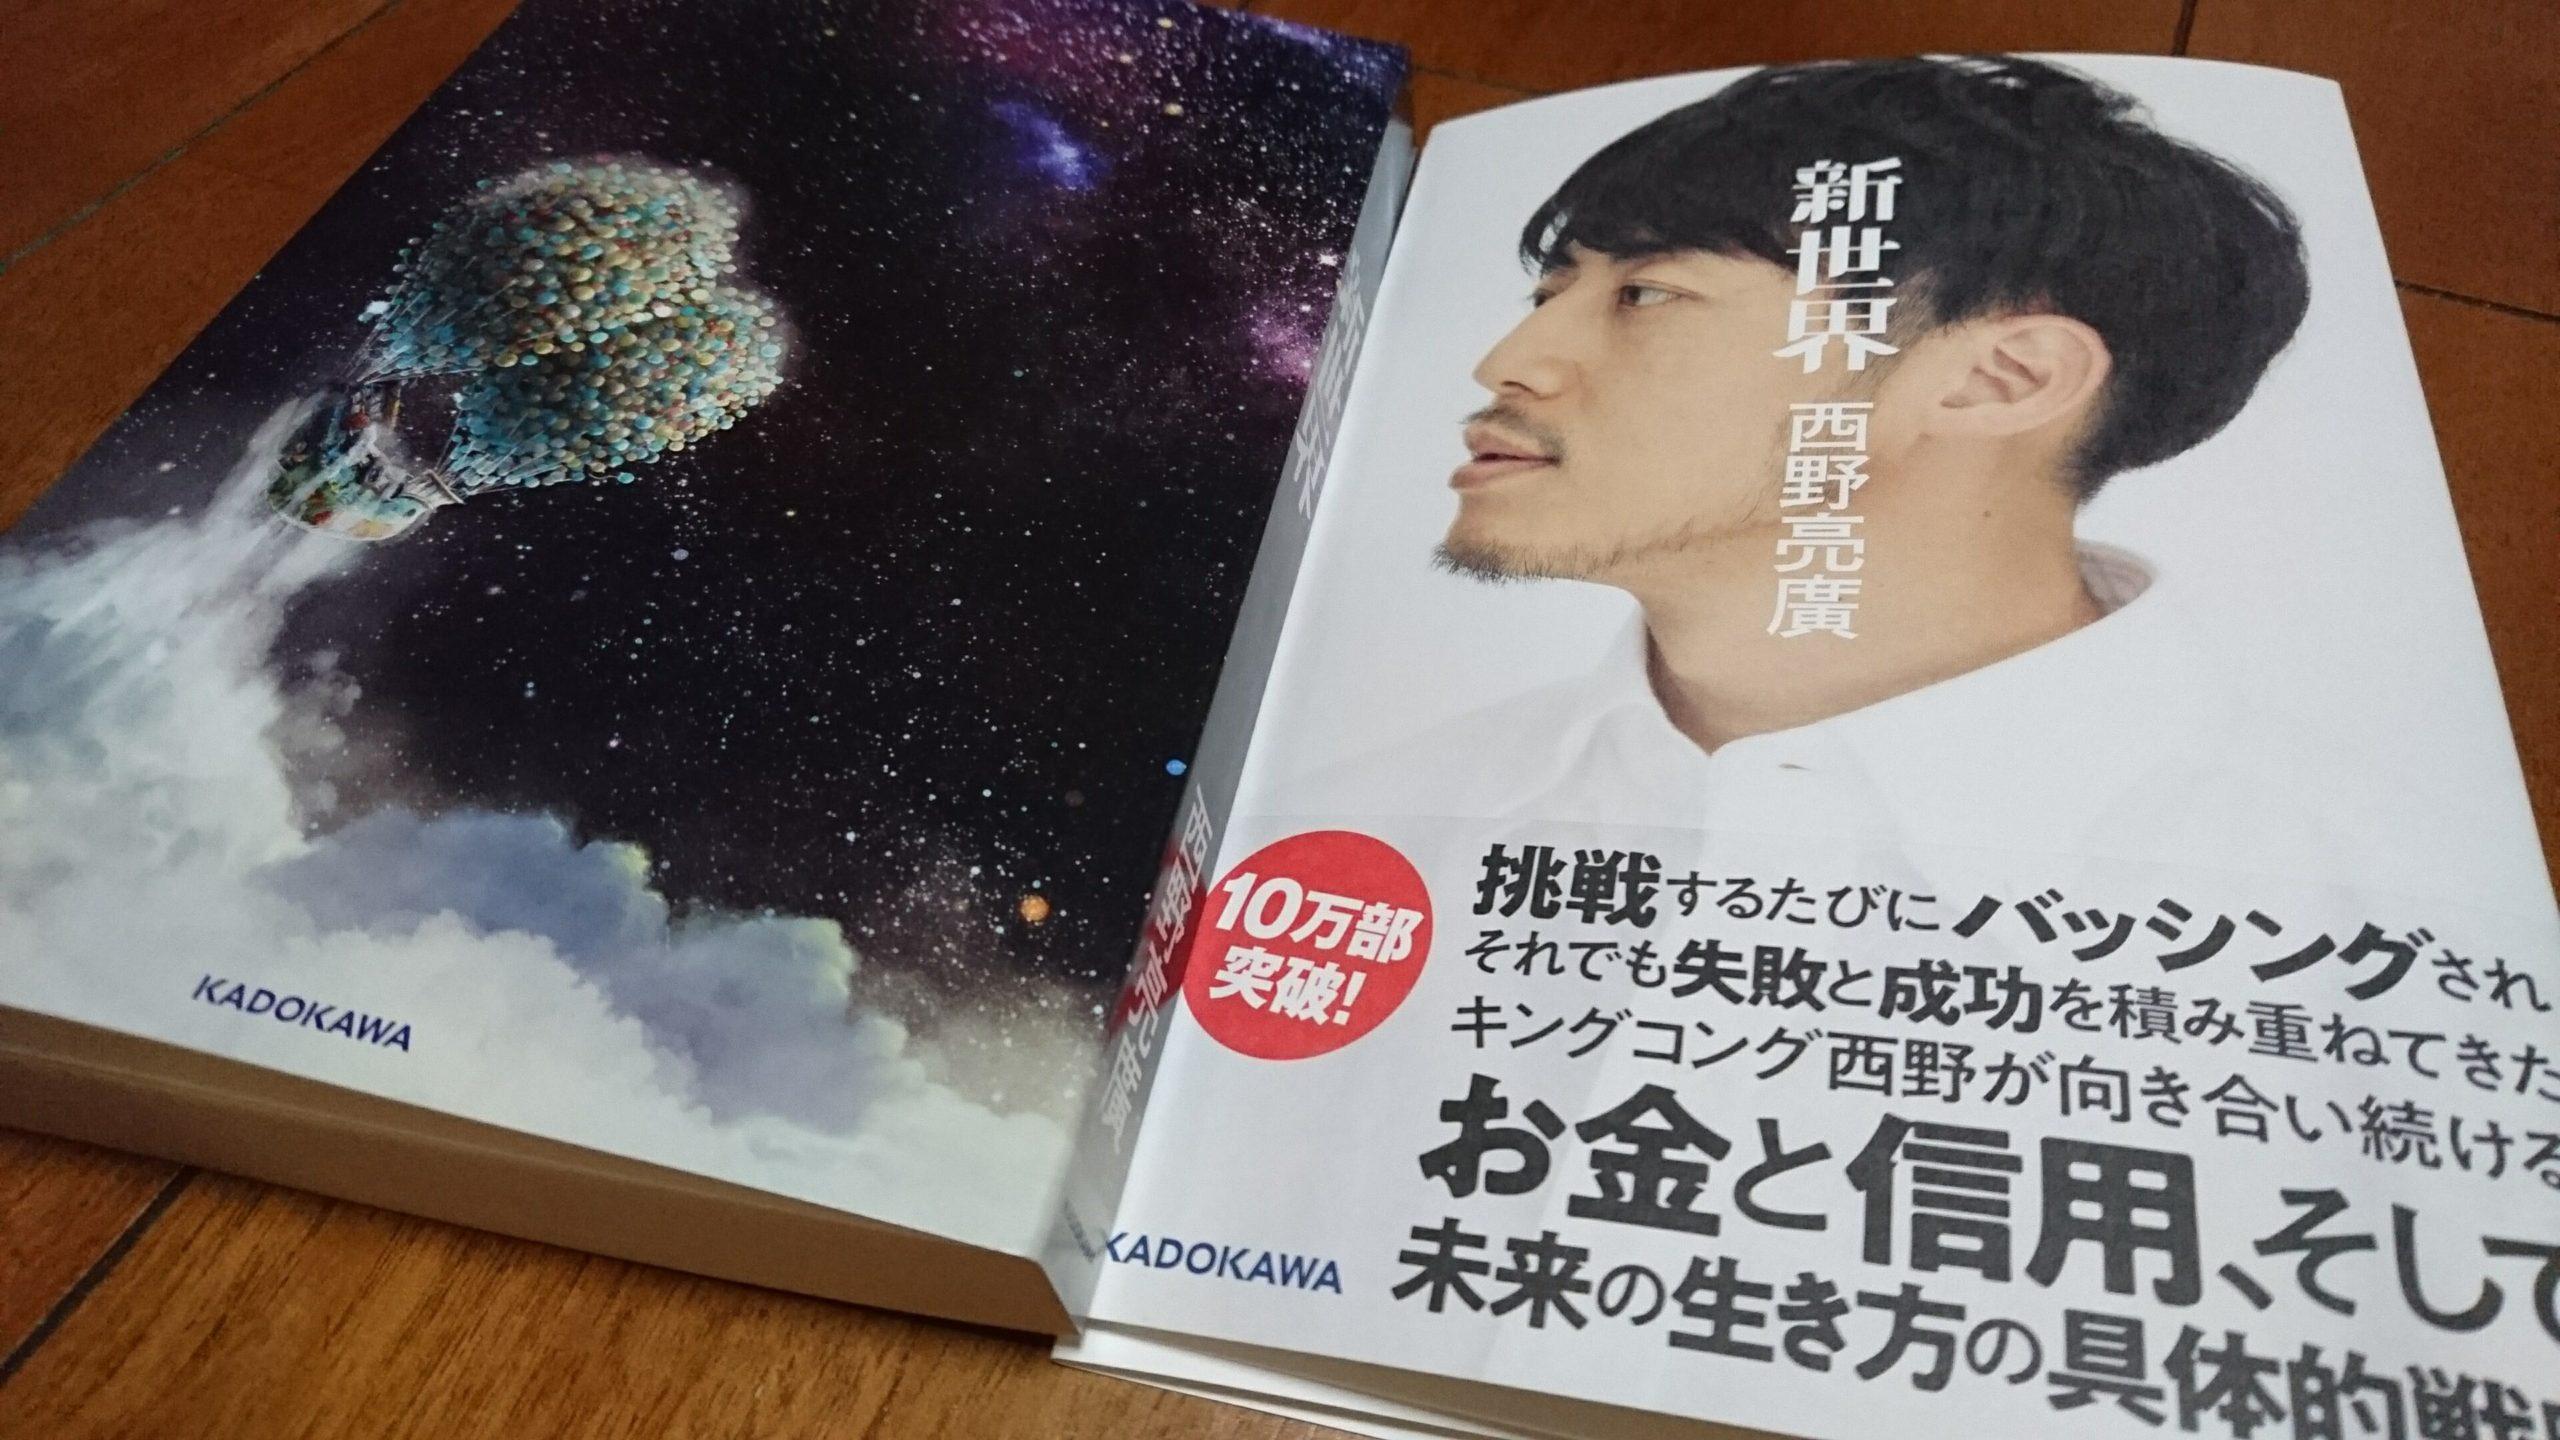 西野亮廣氏著「新世界」は、コミュニティ(オンラインサロン)運営の本質を学べるからすぐ読んだほうがいい